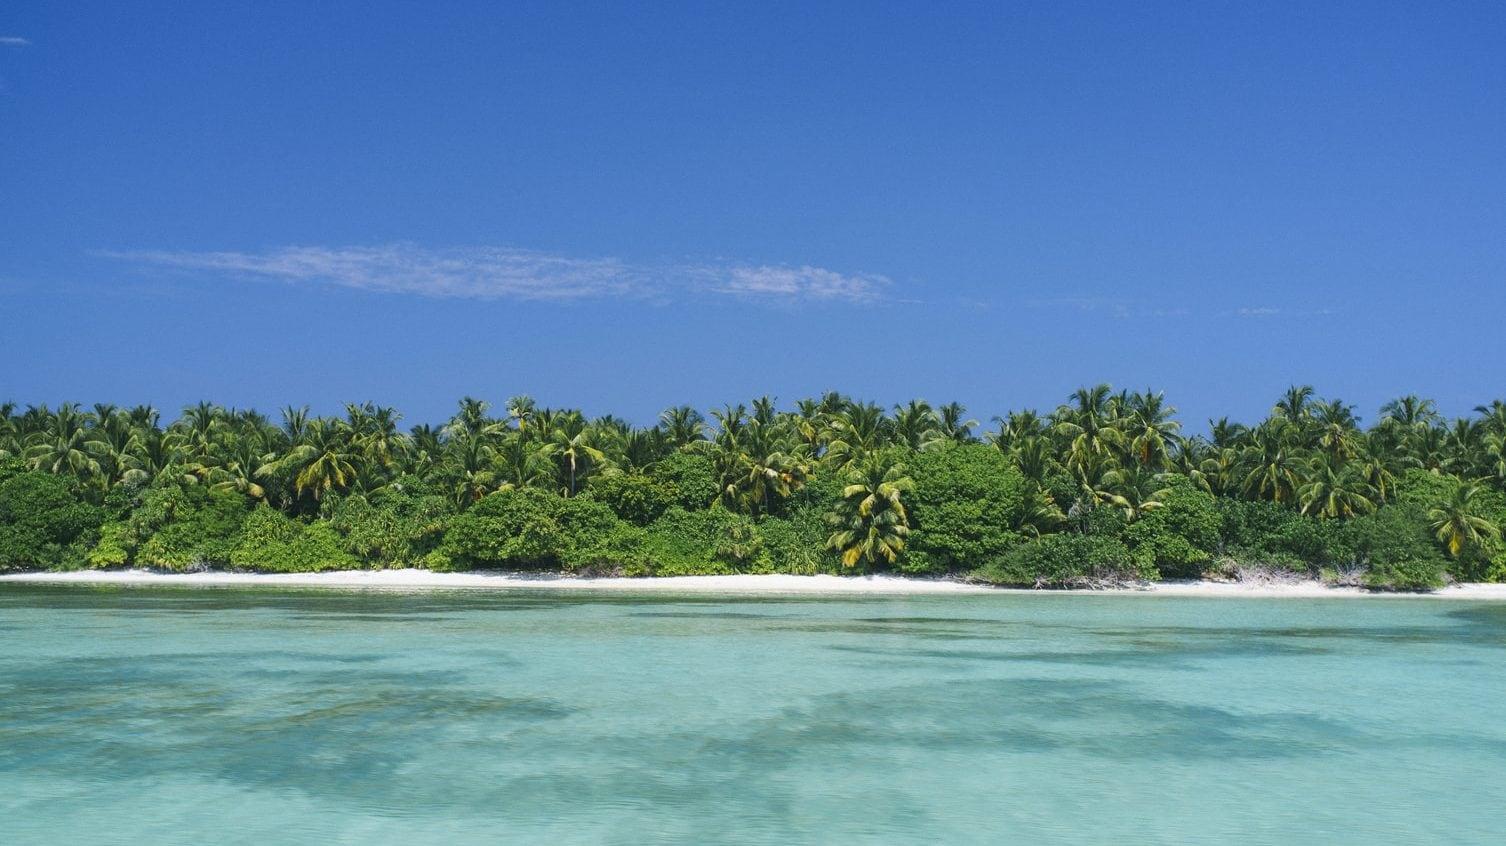 Vooraanzicht van een tropisch eiland